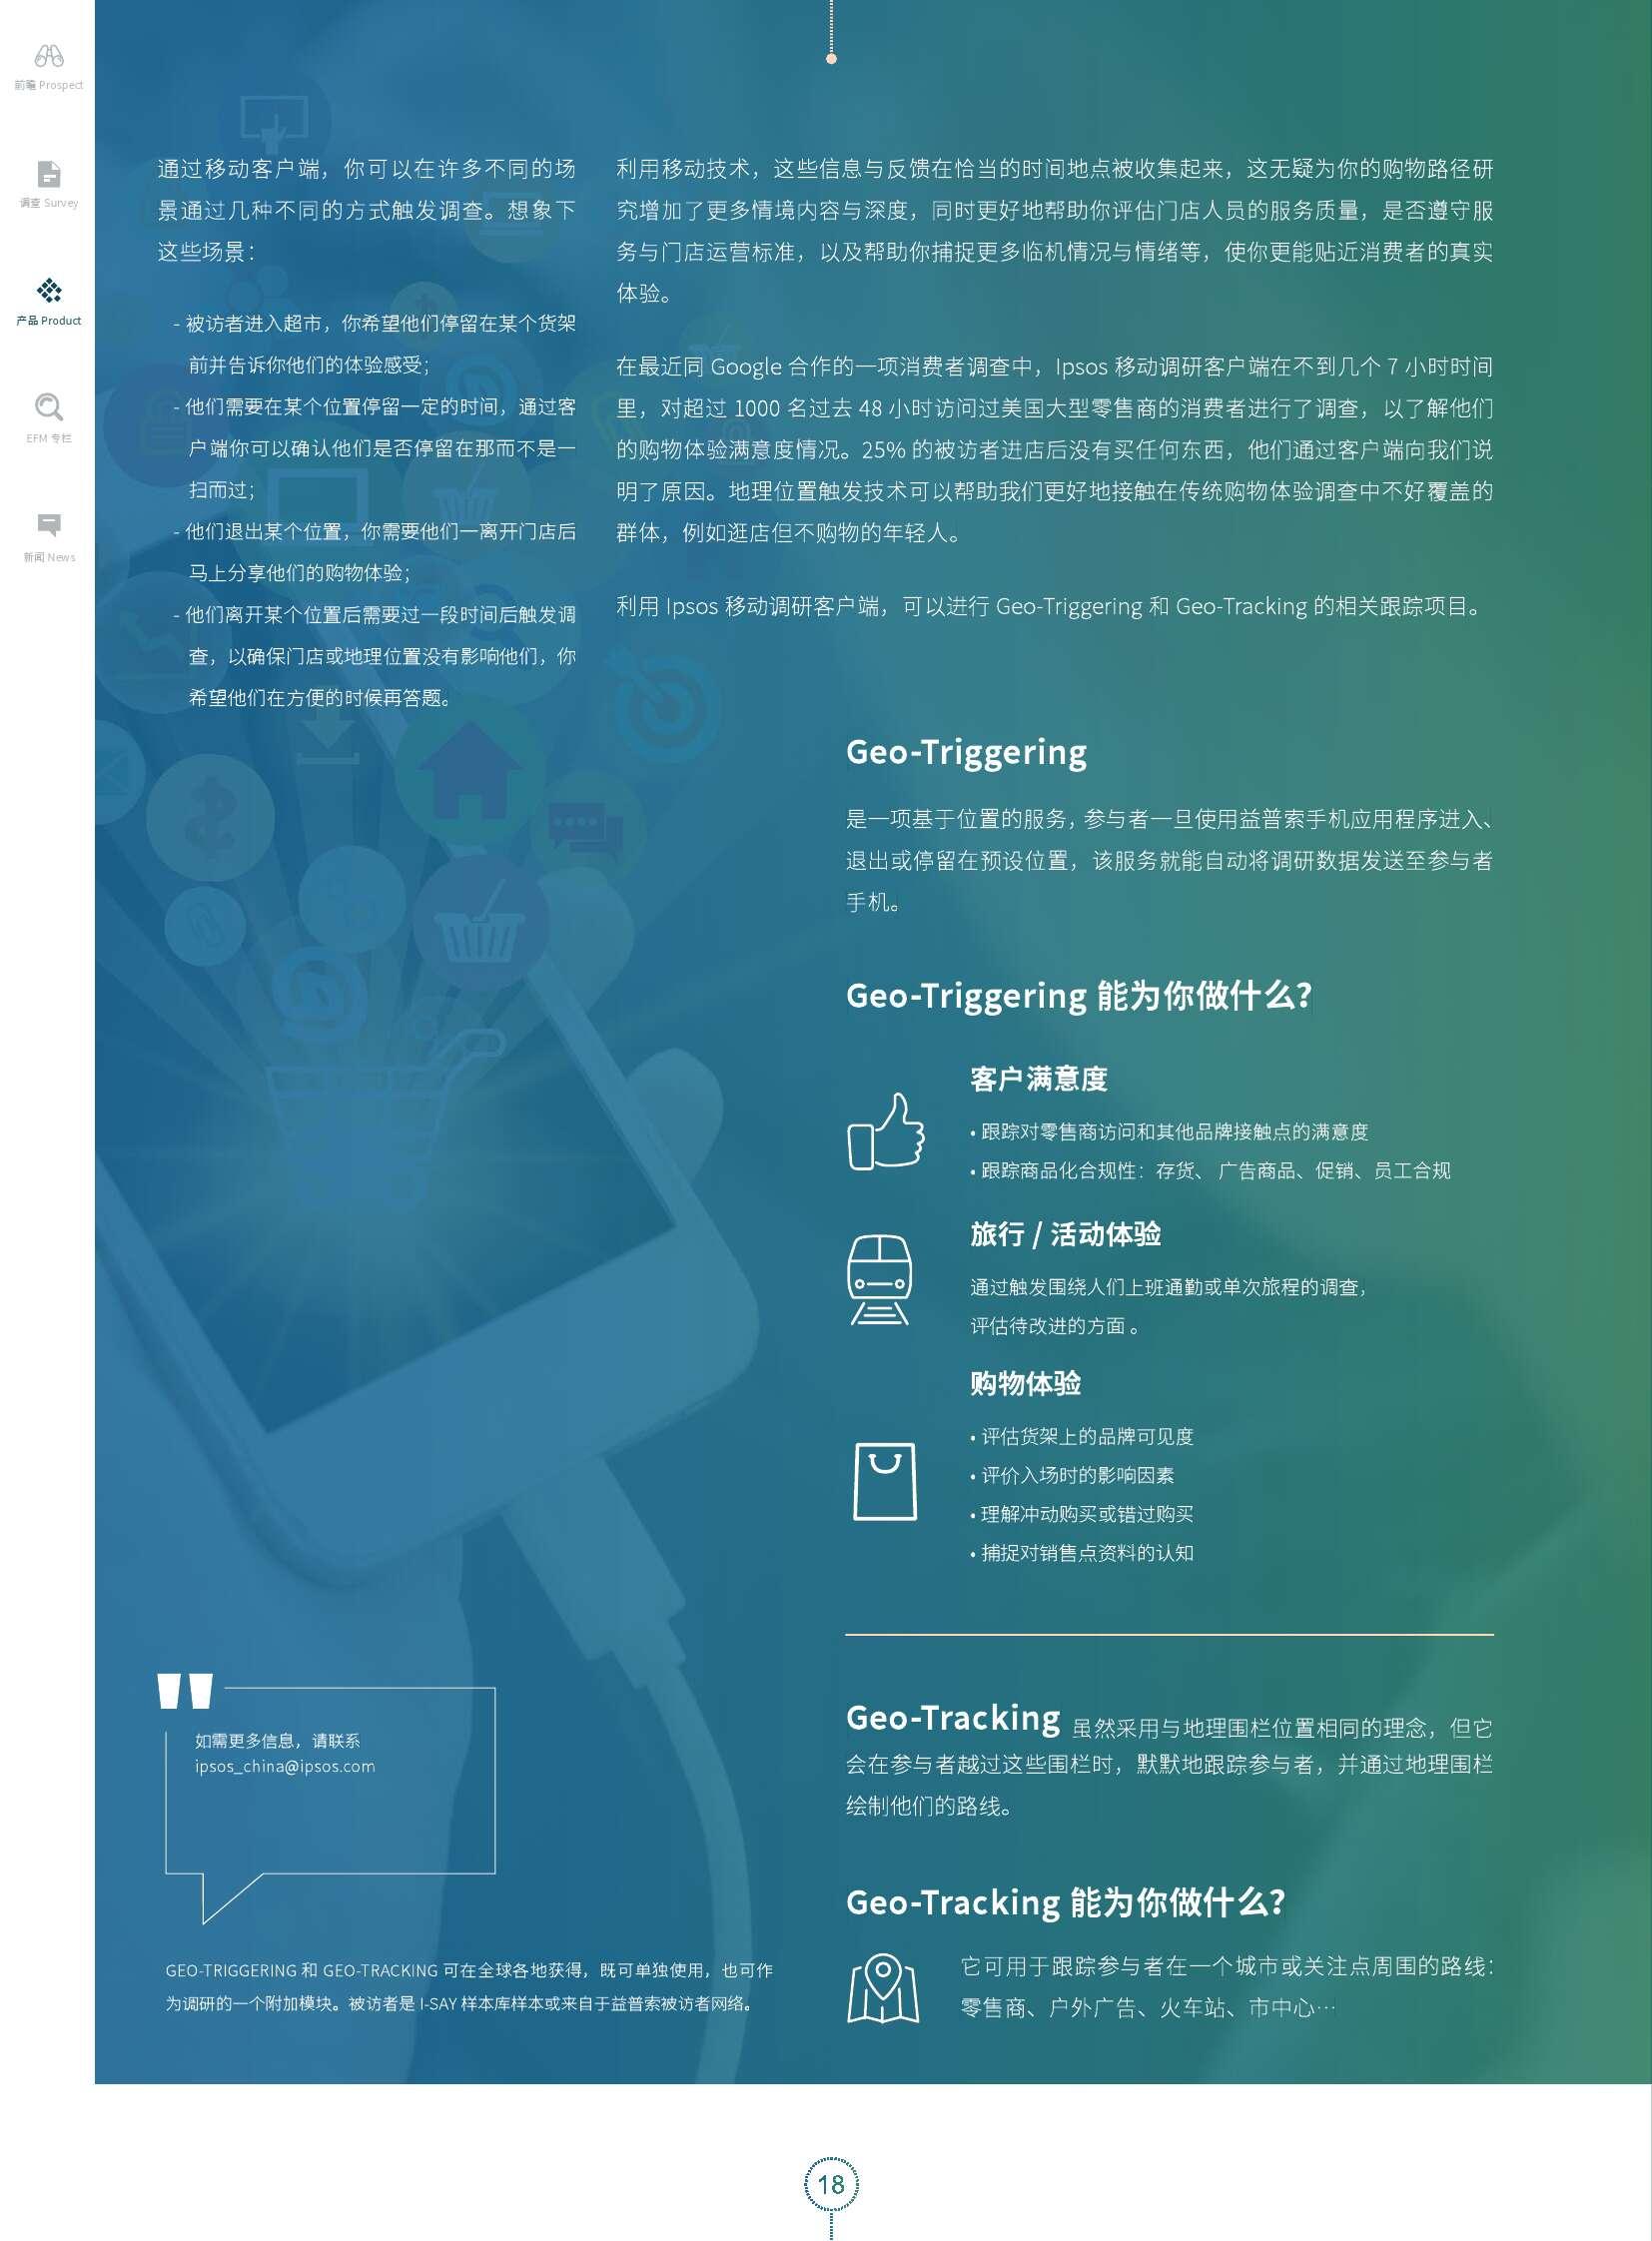 2016中国食品&饮料趋势及消费者洞察_000019